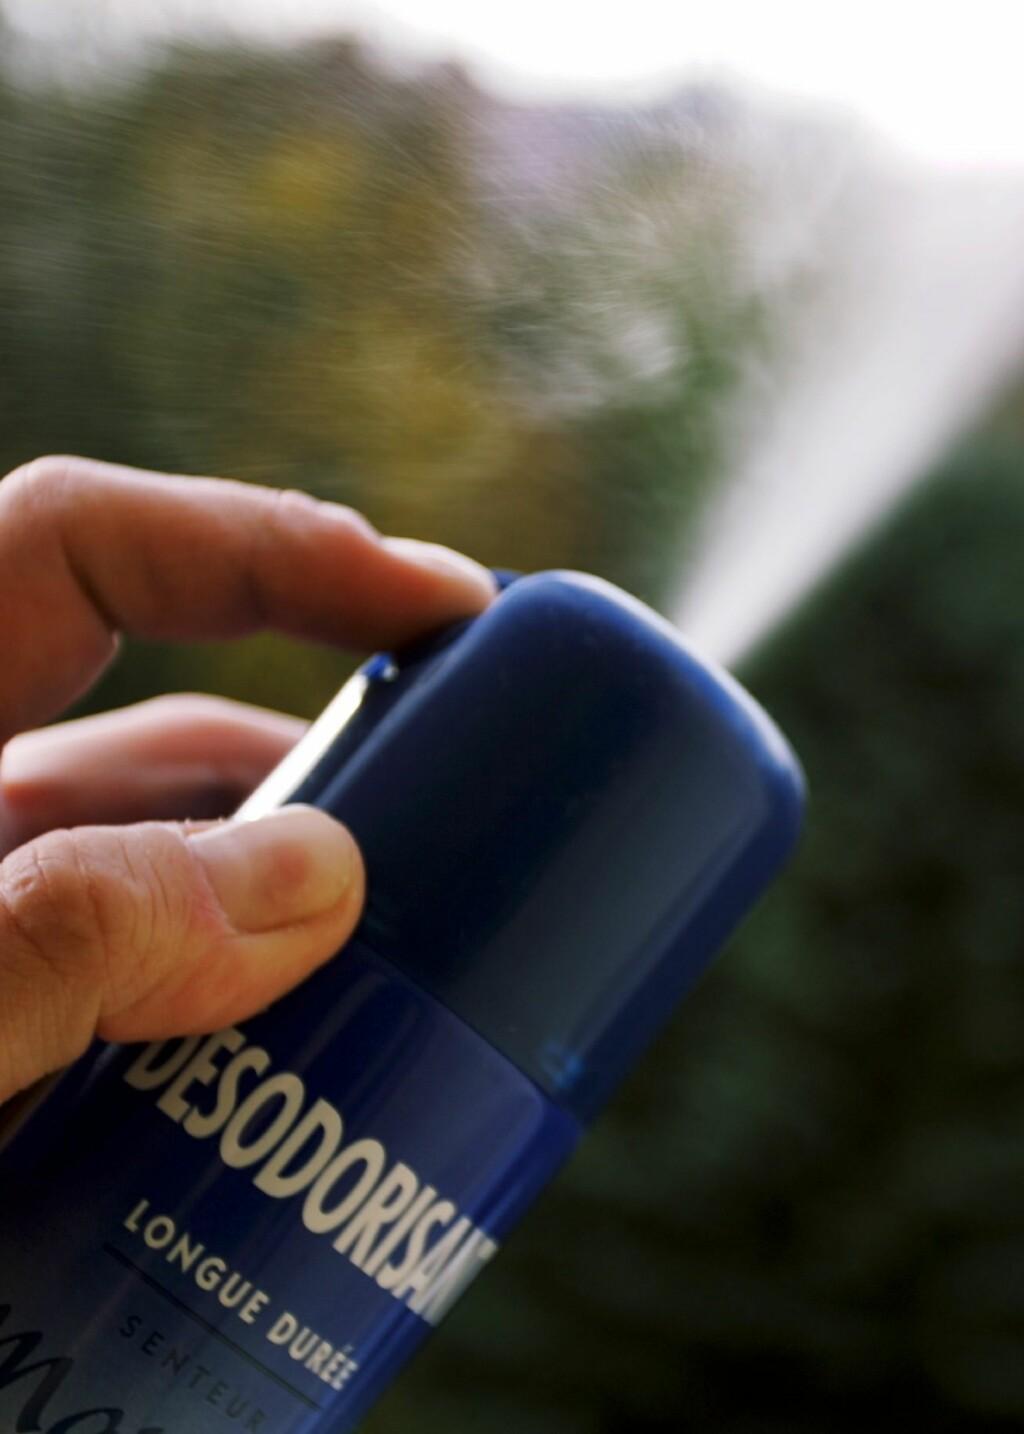 Apoteket har deodoranter som er spesielt beregnet for kraftig svetting. Illustrasjonsfoto: Colourbox Foto: Illustrasjonsfoto: Colourbox